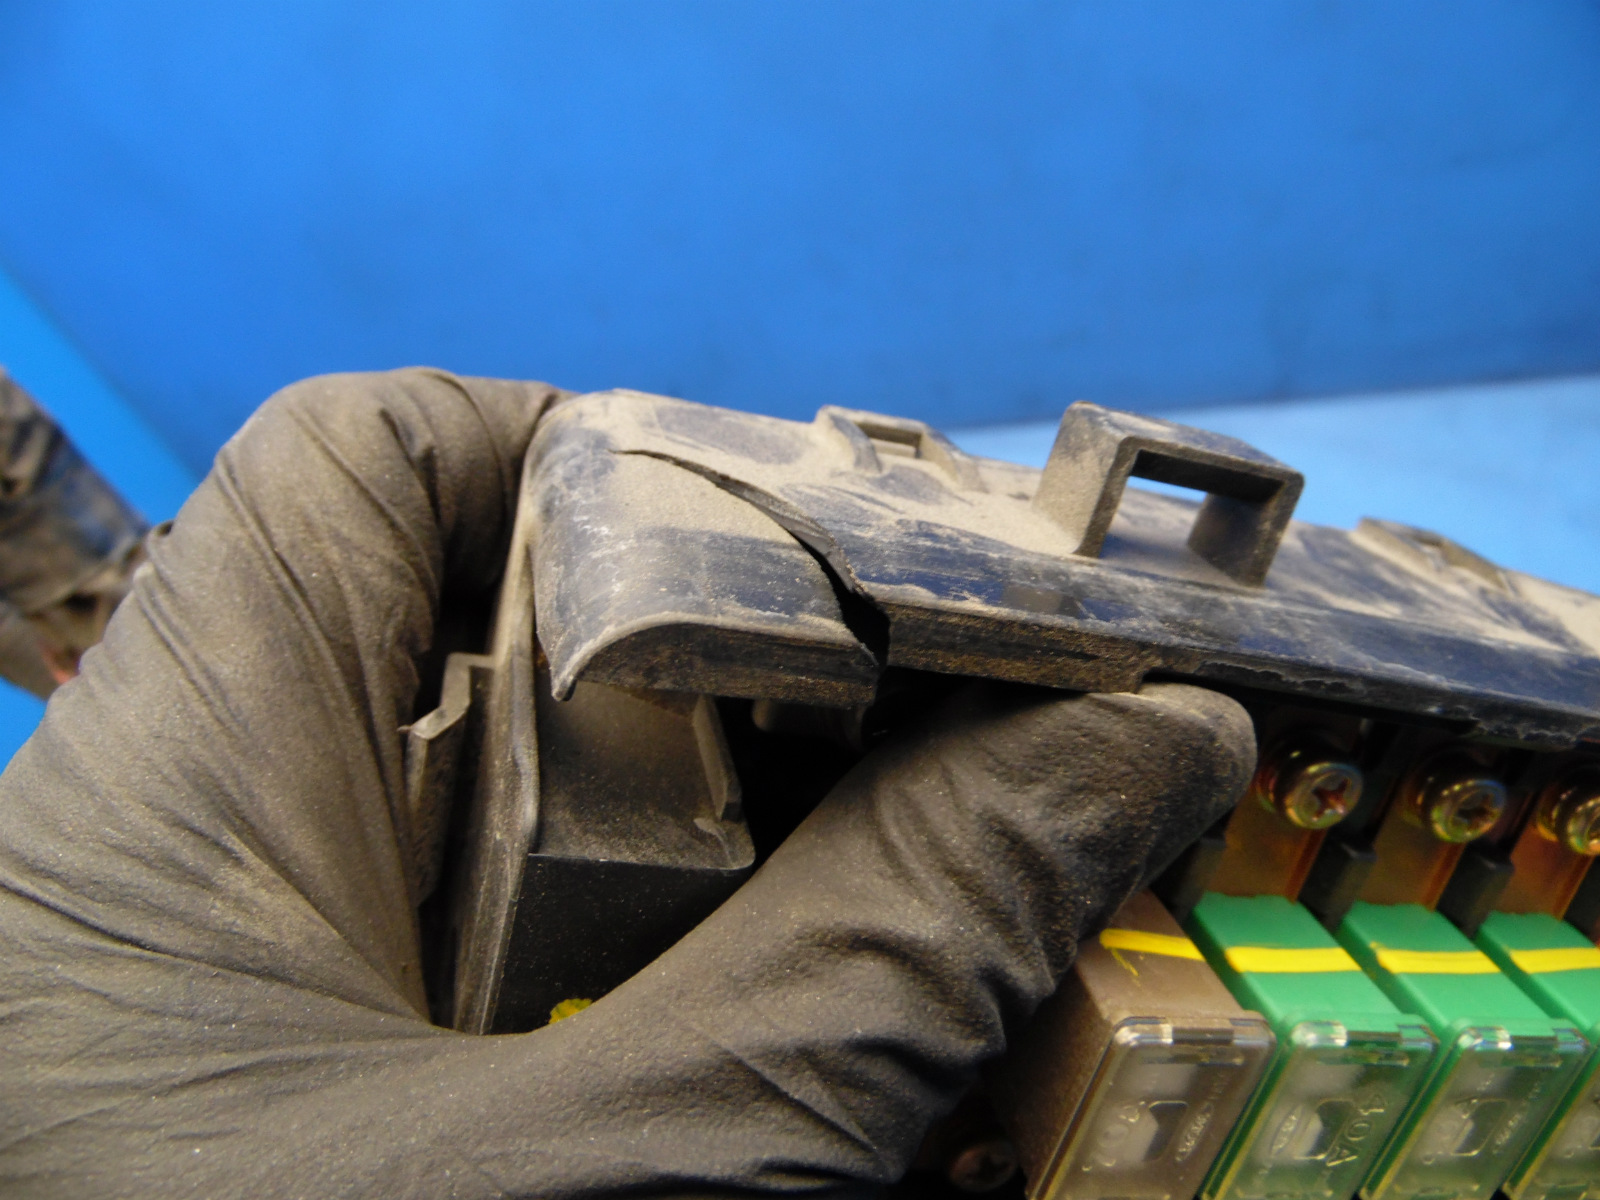 88 89 Honda Prelude Oem Under Hood Fuse Box Fuses Relays Flaw 2 91